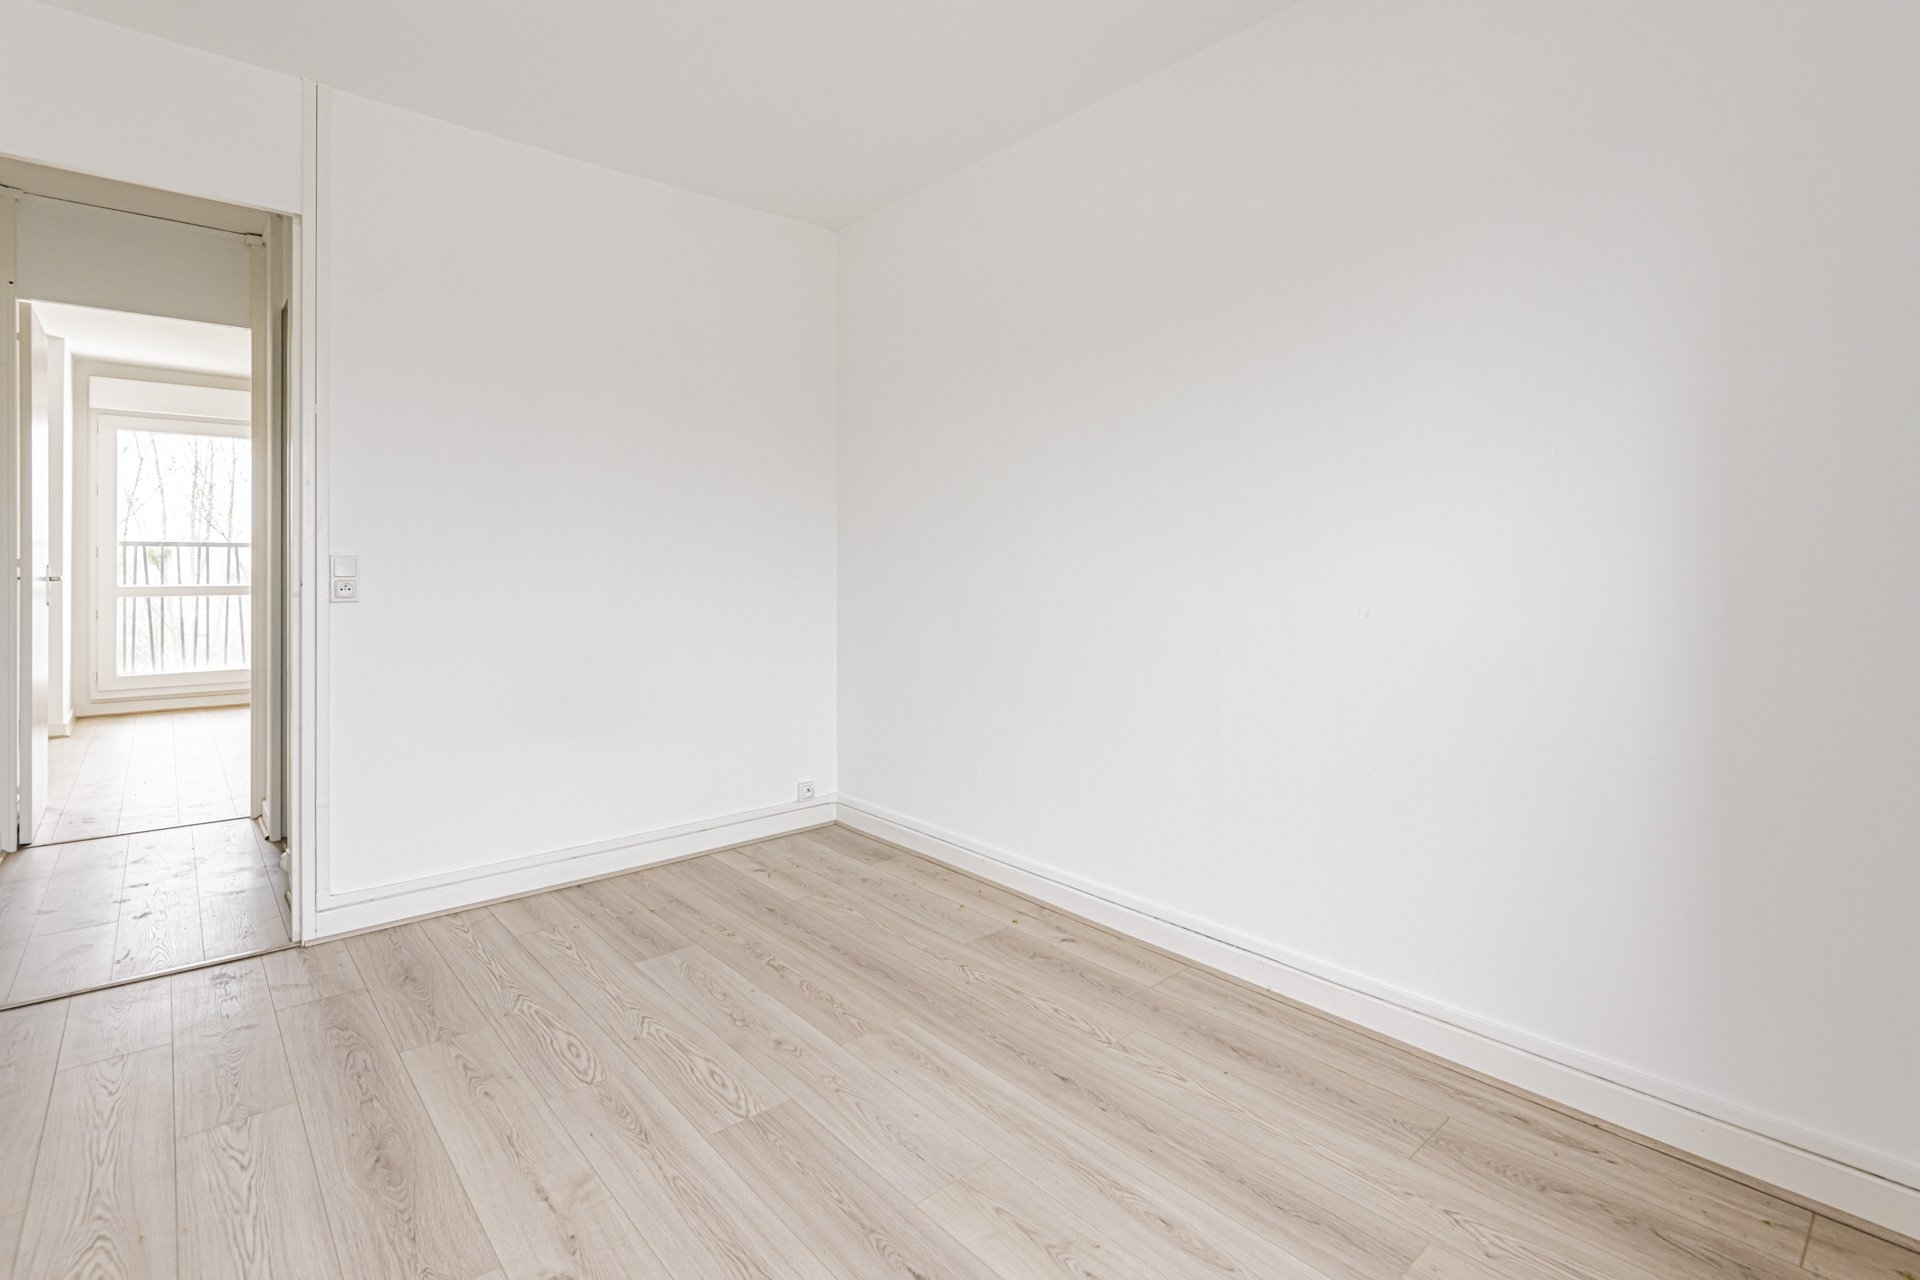 Appartement Reims 4 Pièces 69.2 m2 - 5